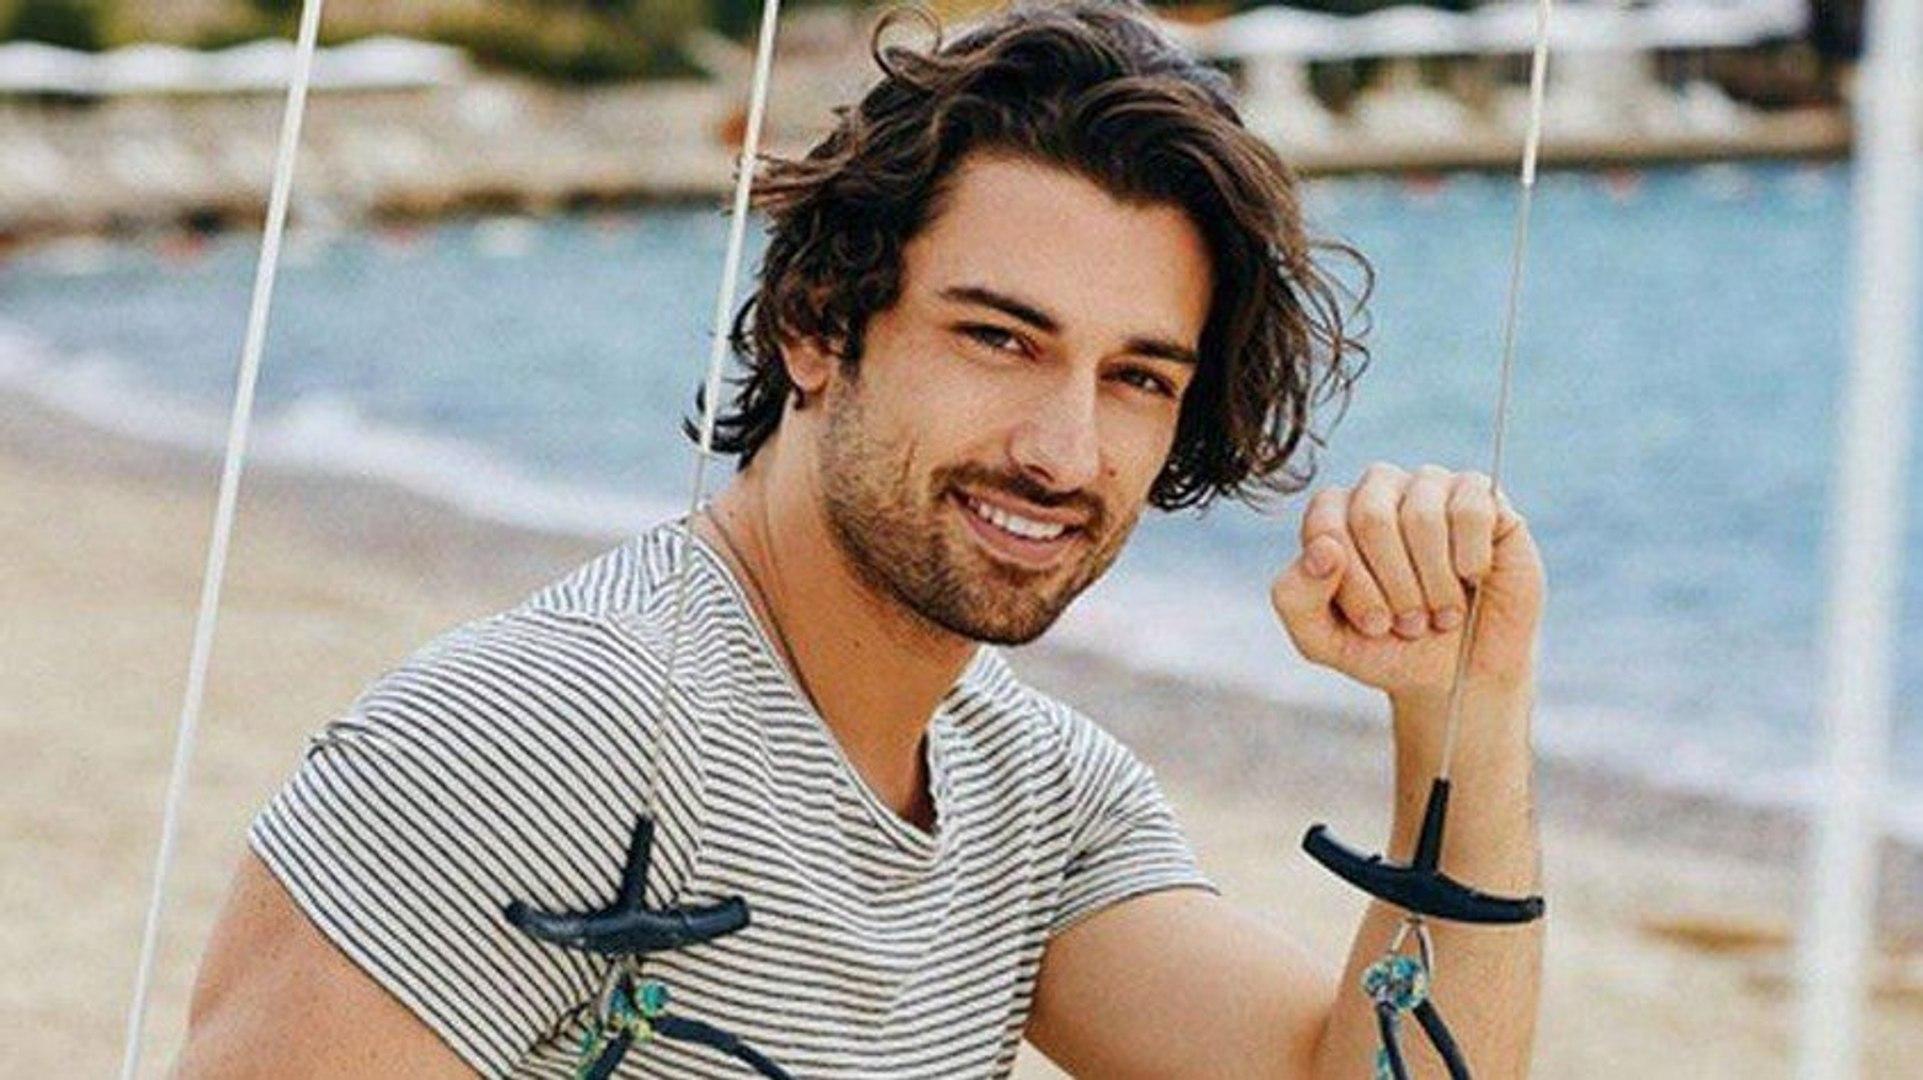 Alp Navruz Most Handsome Turkish Actor - Top Handsome Turkish Actor and  Model - Alp Navruz